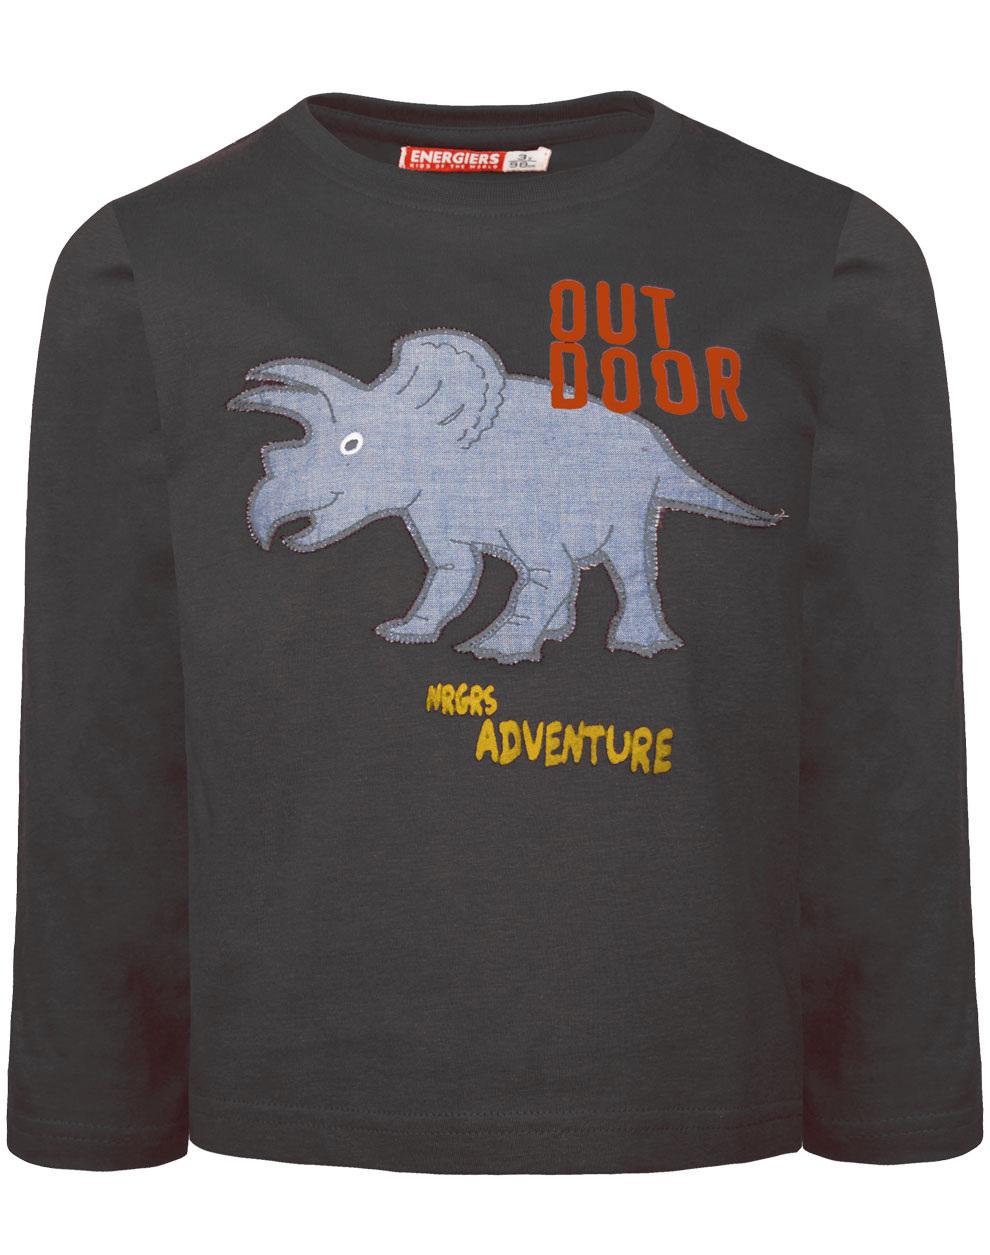 Μπλούζα βαμβακερή με απλικέ chambray ύφασμα σχέδιο ρινόκερος 12-120131-5 - Ανθρακί - 18275-2/12/197/109